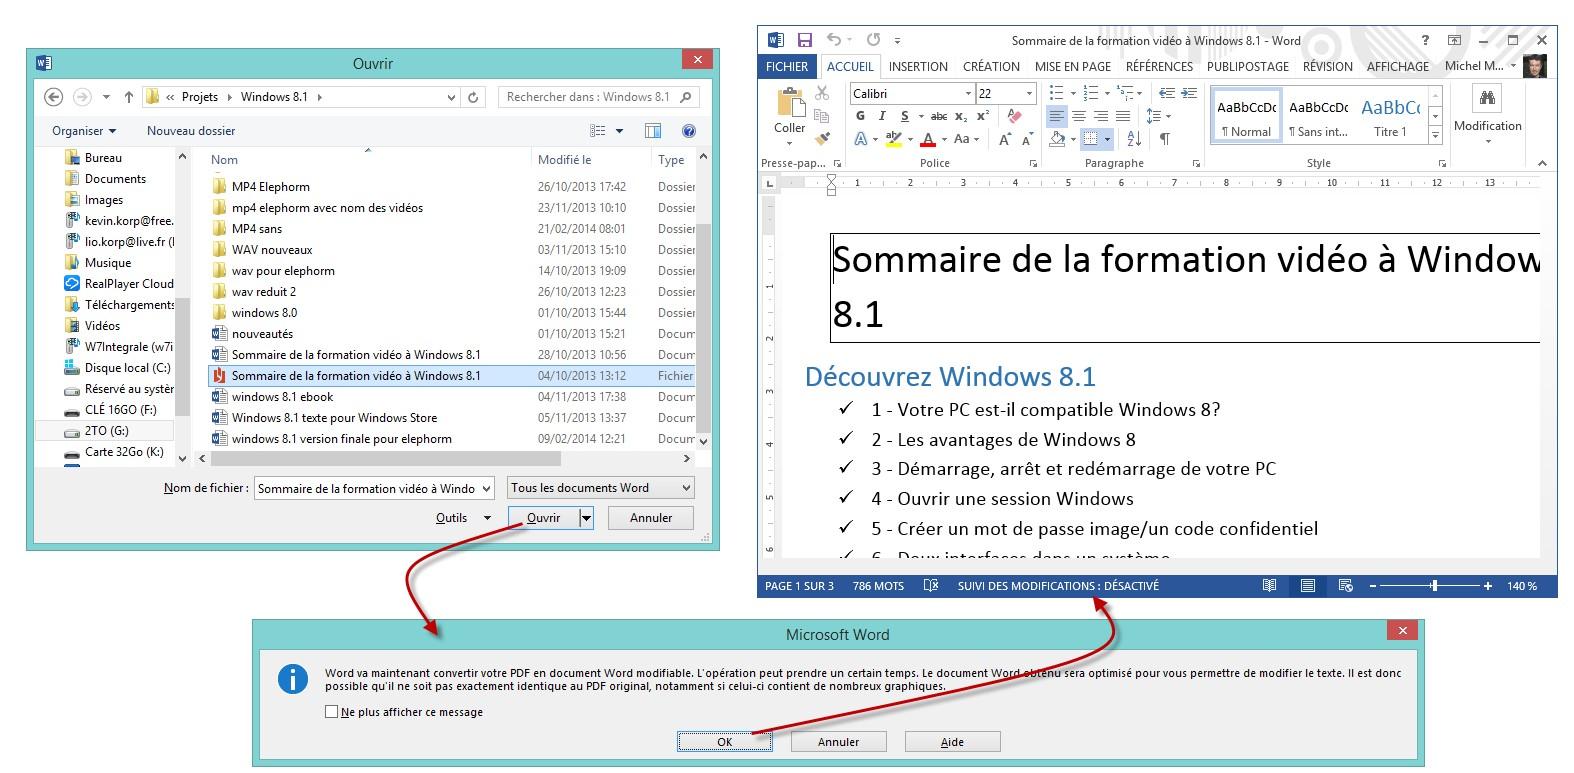 Modifier un fichier PDF dans Word 2013